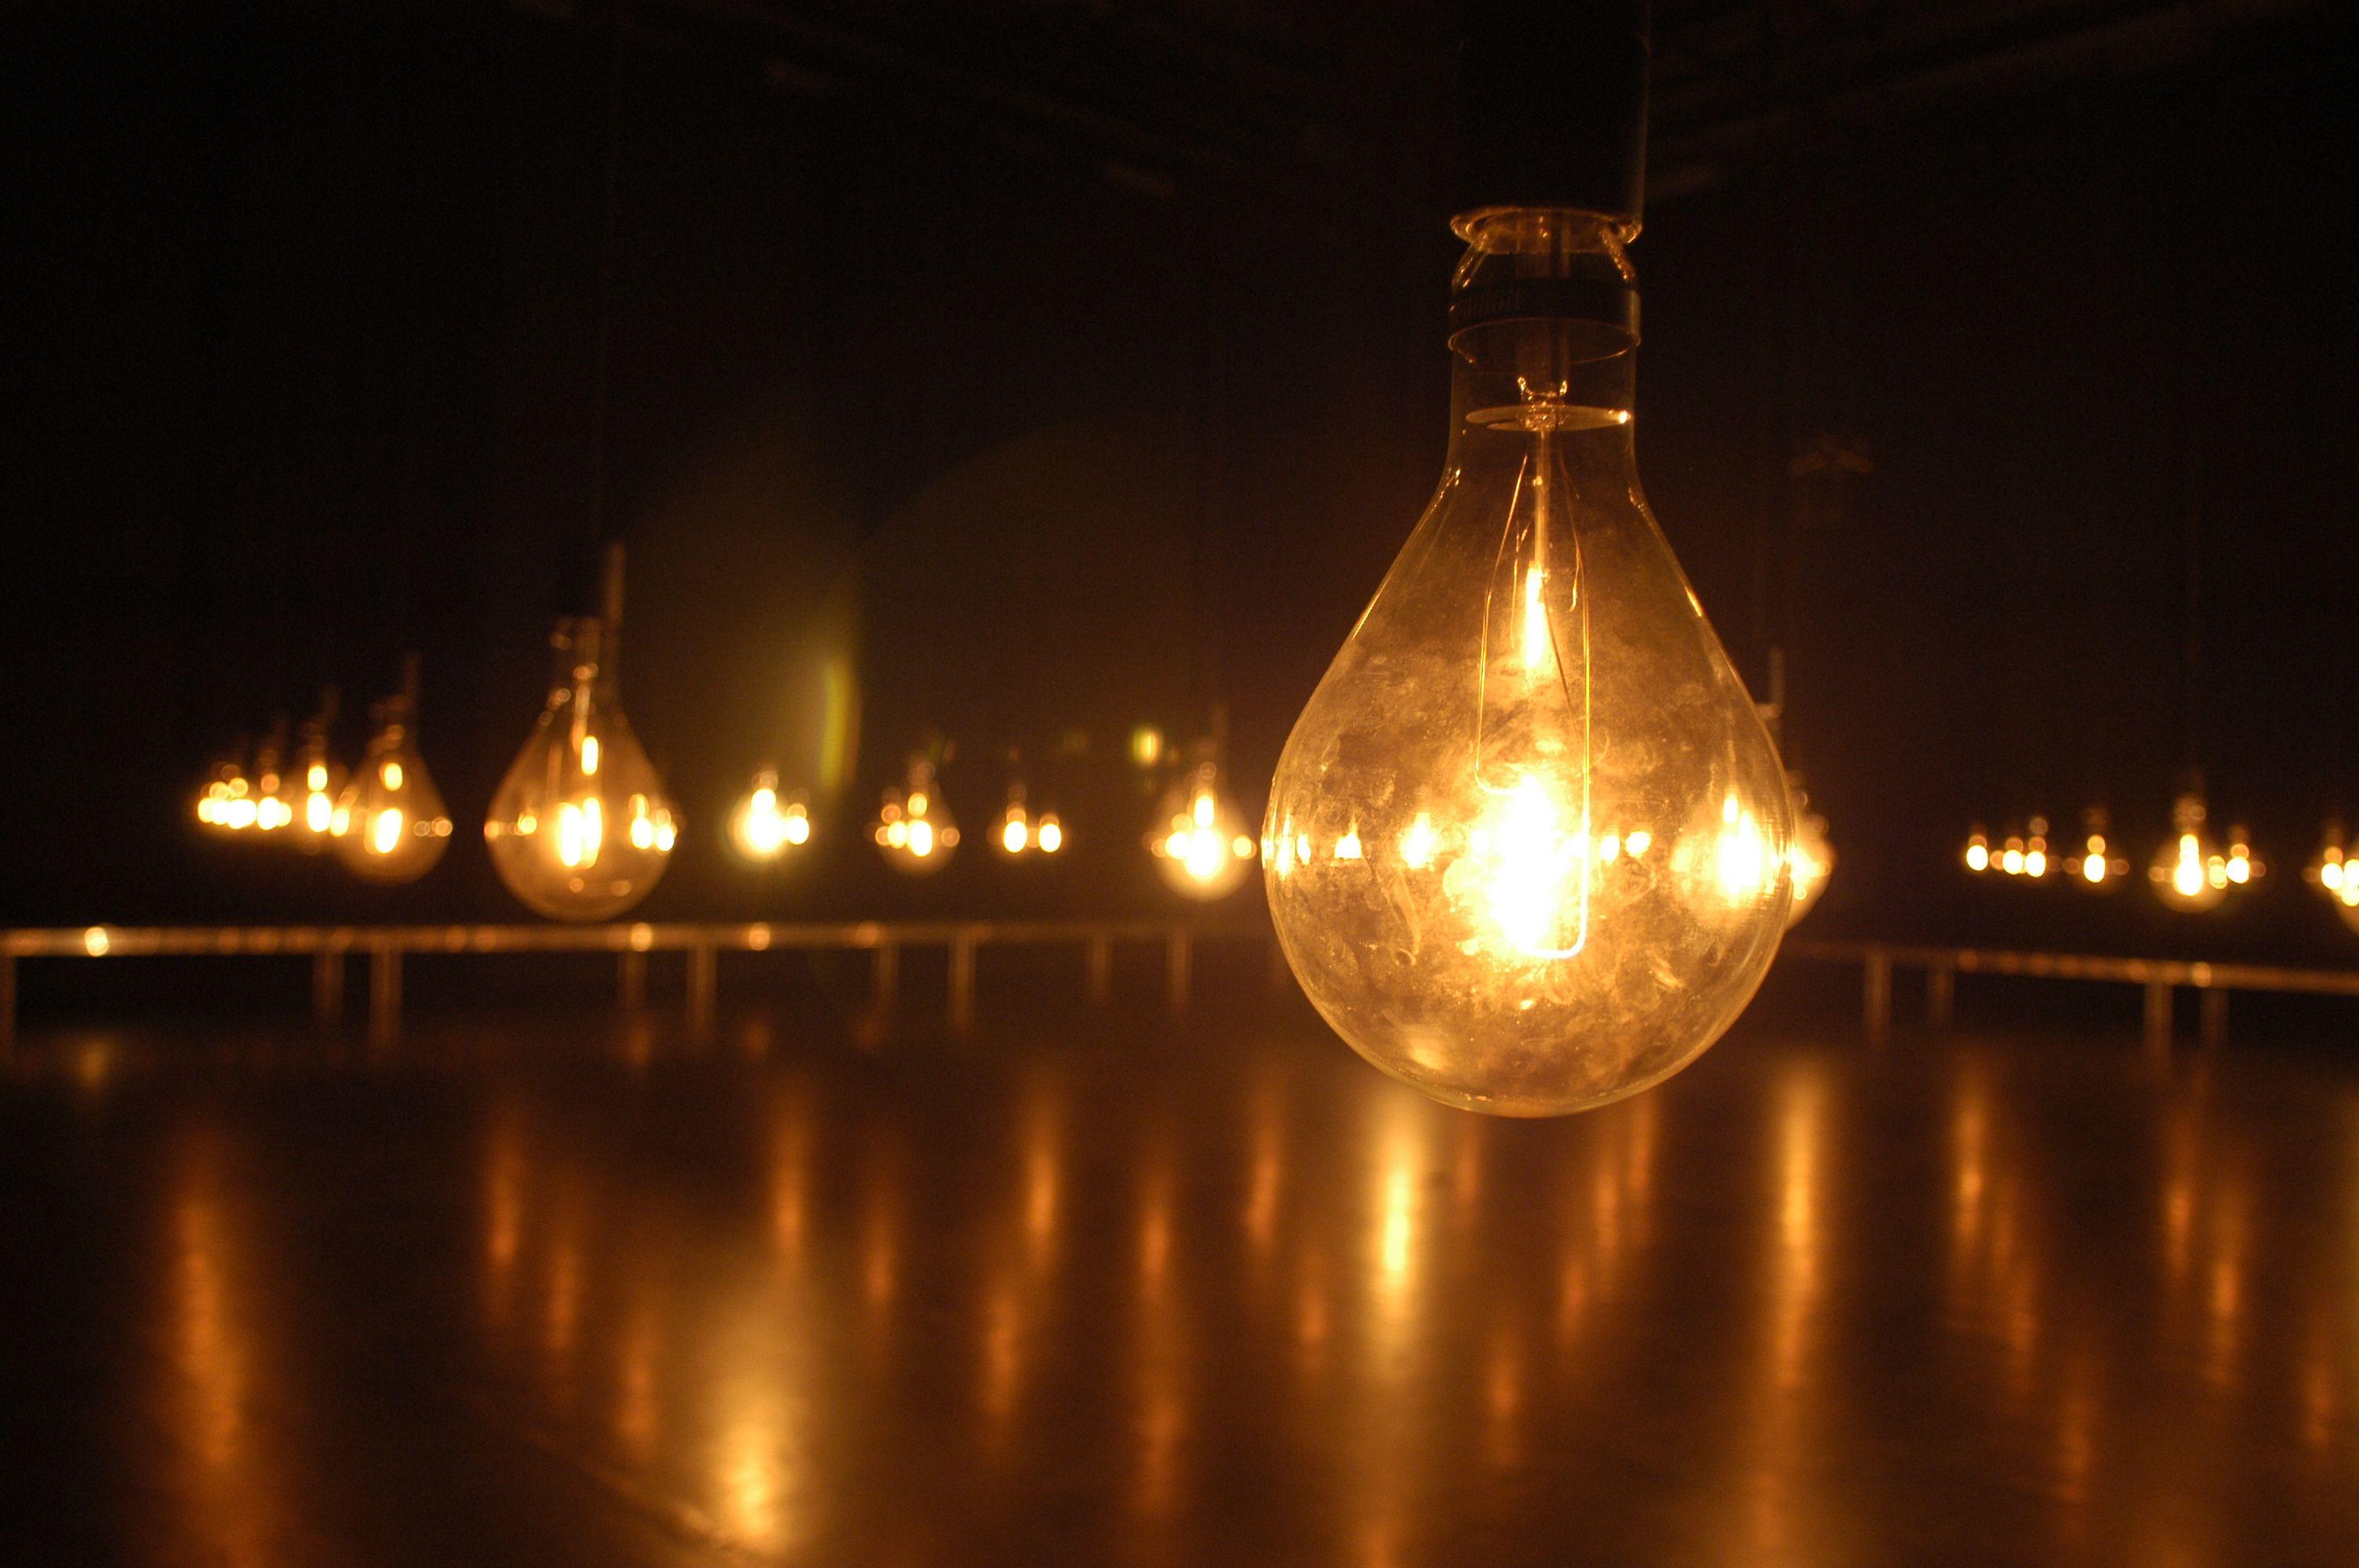 hanging filament light bulbs Roselawnlutheran : 81da42743d8bb0bfe0f352b49607d91e hanging light bulbs enso from roselawnlutheran.org size 3008 x 2000 jpeg 2899kB